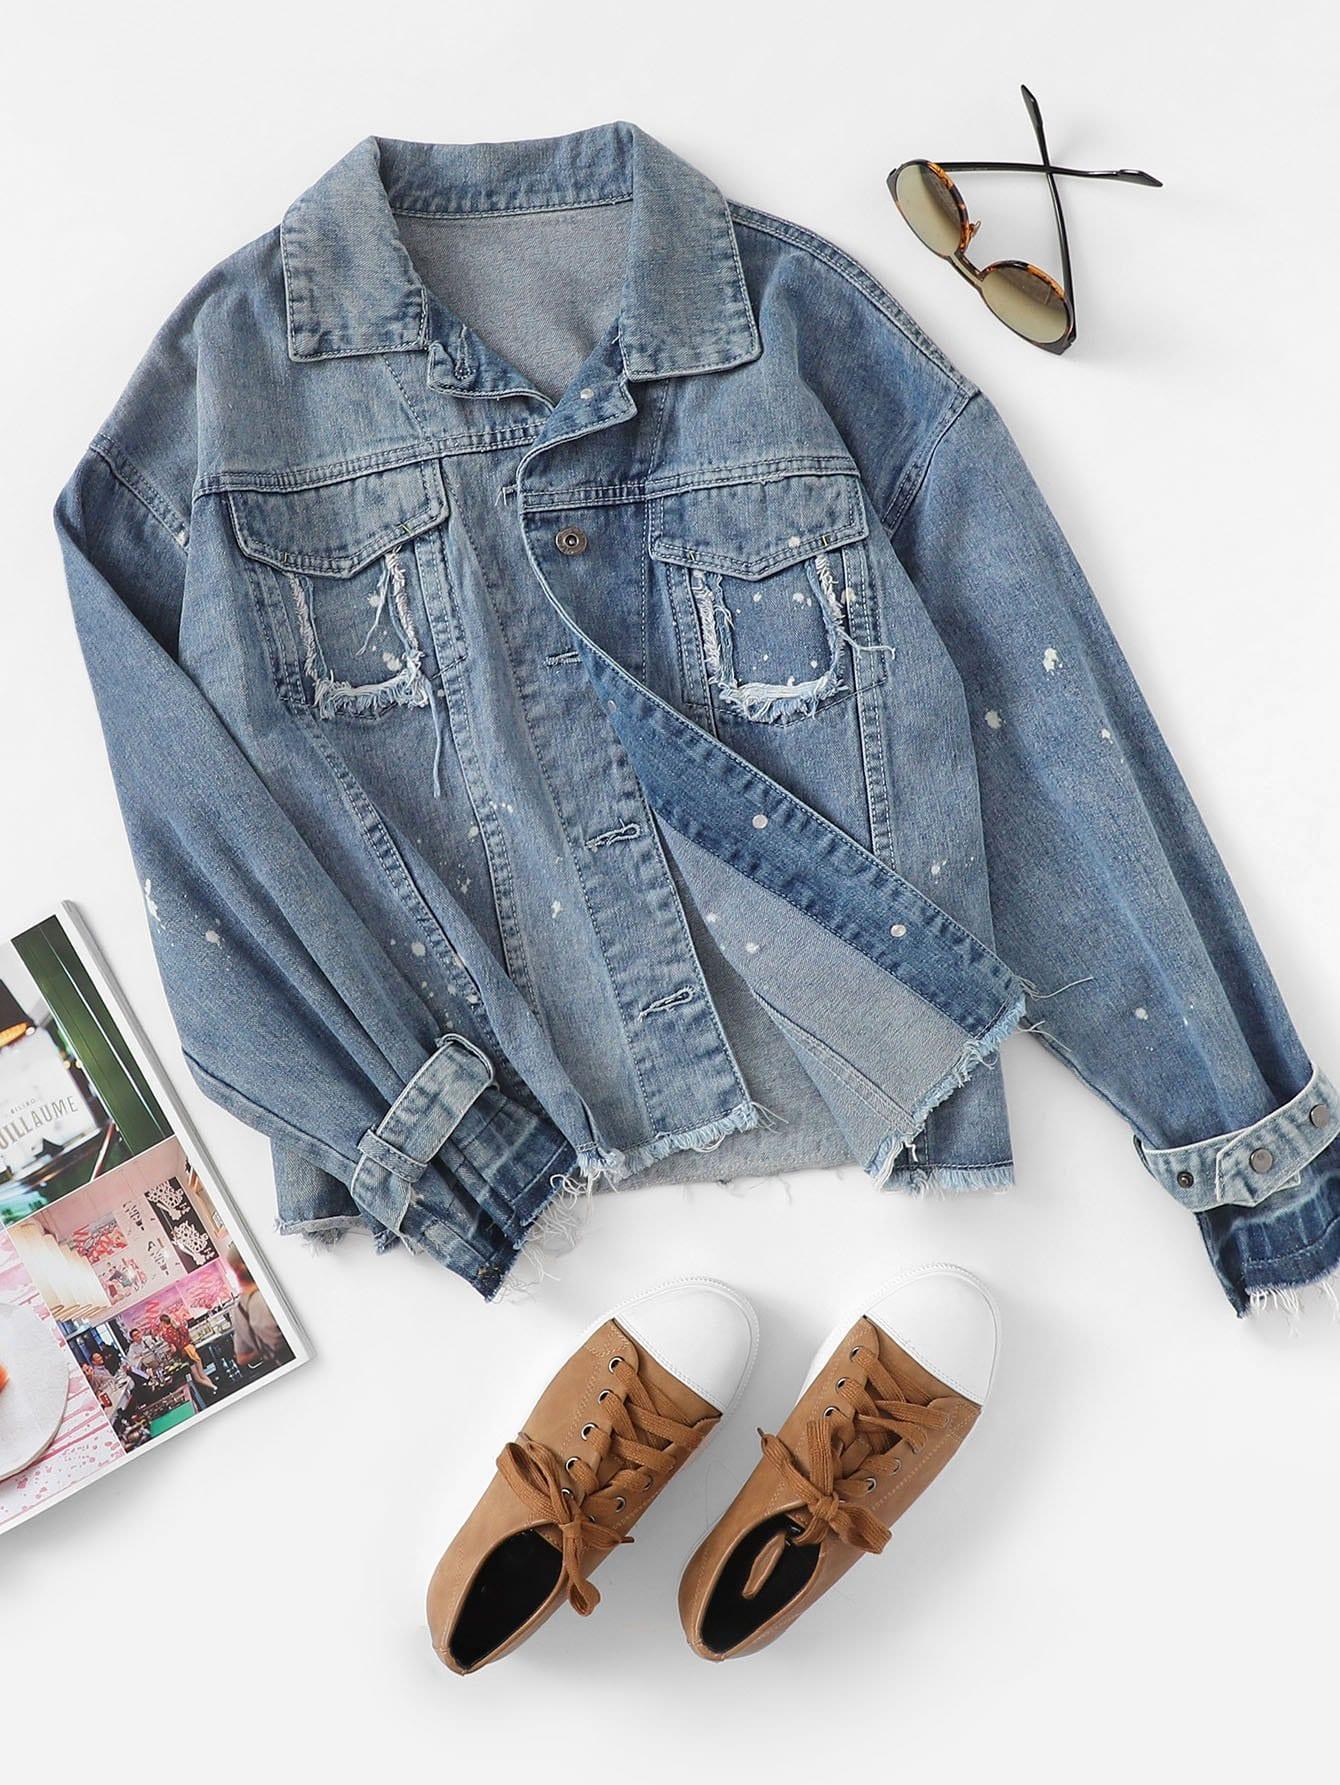 Jeans Jacke mit sehr tief angesetzter Schulterpartiee und ausgefranstem Saum